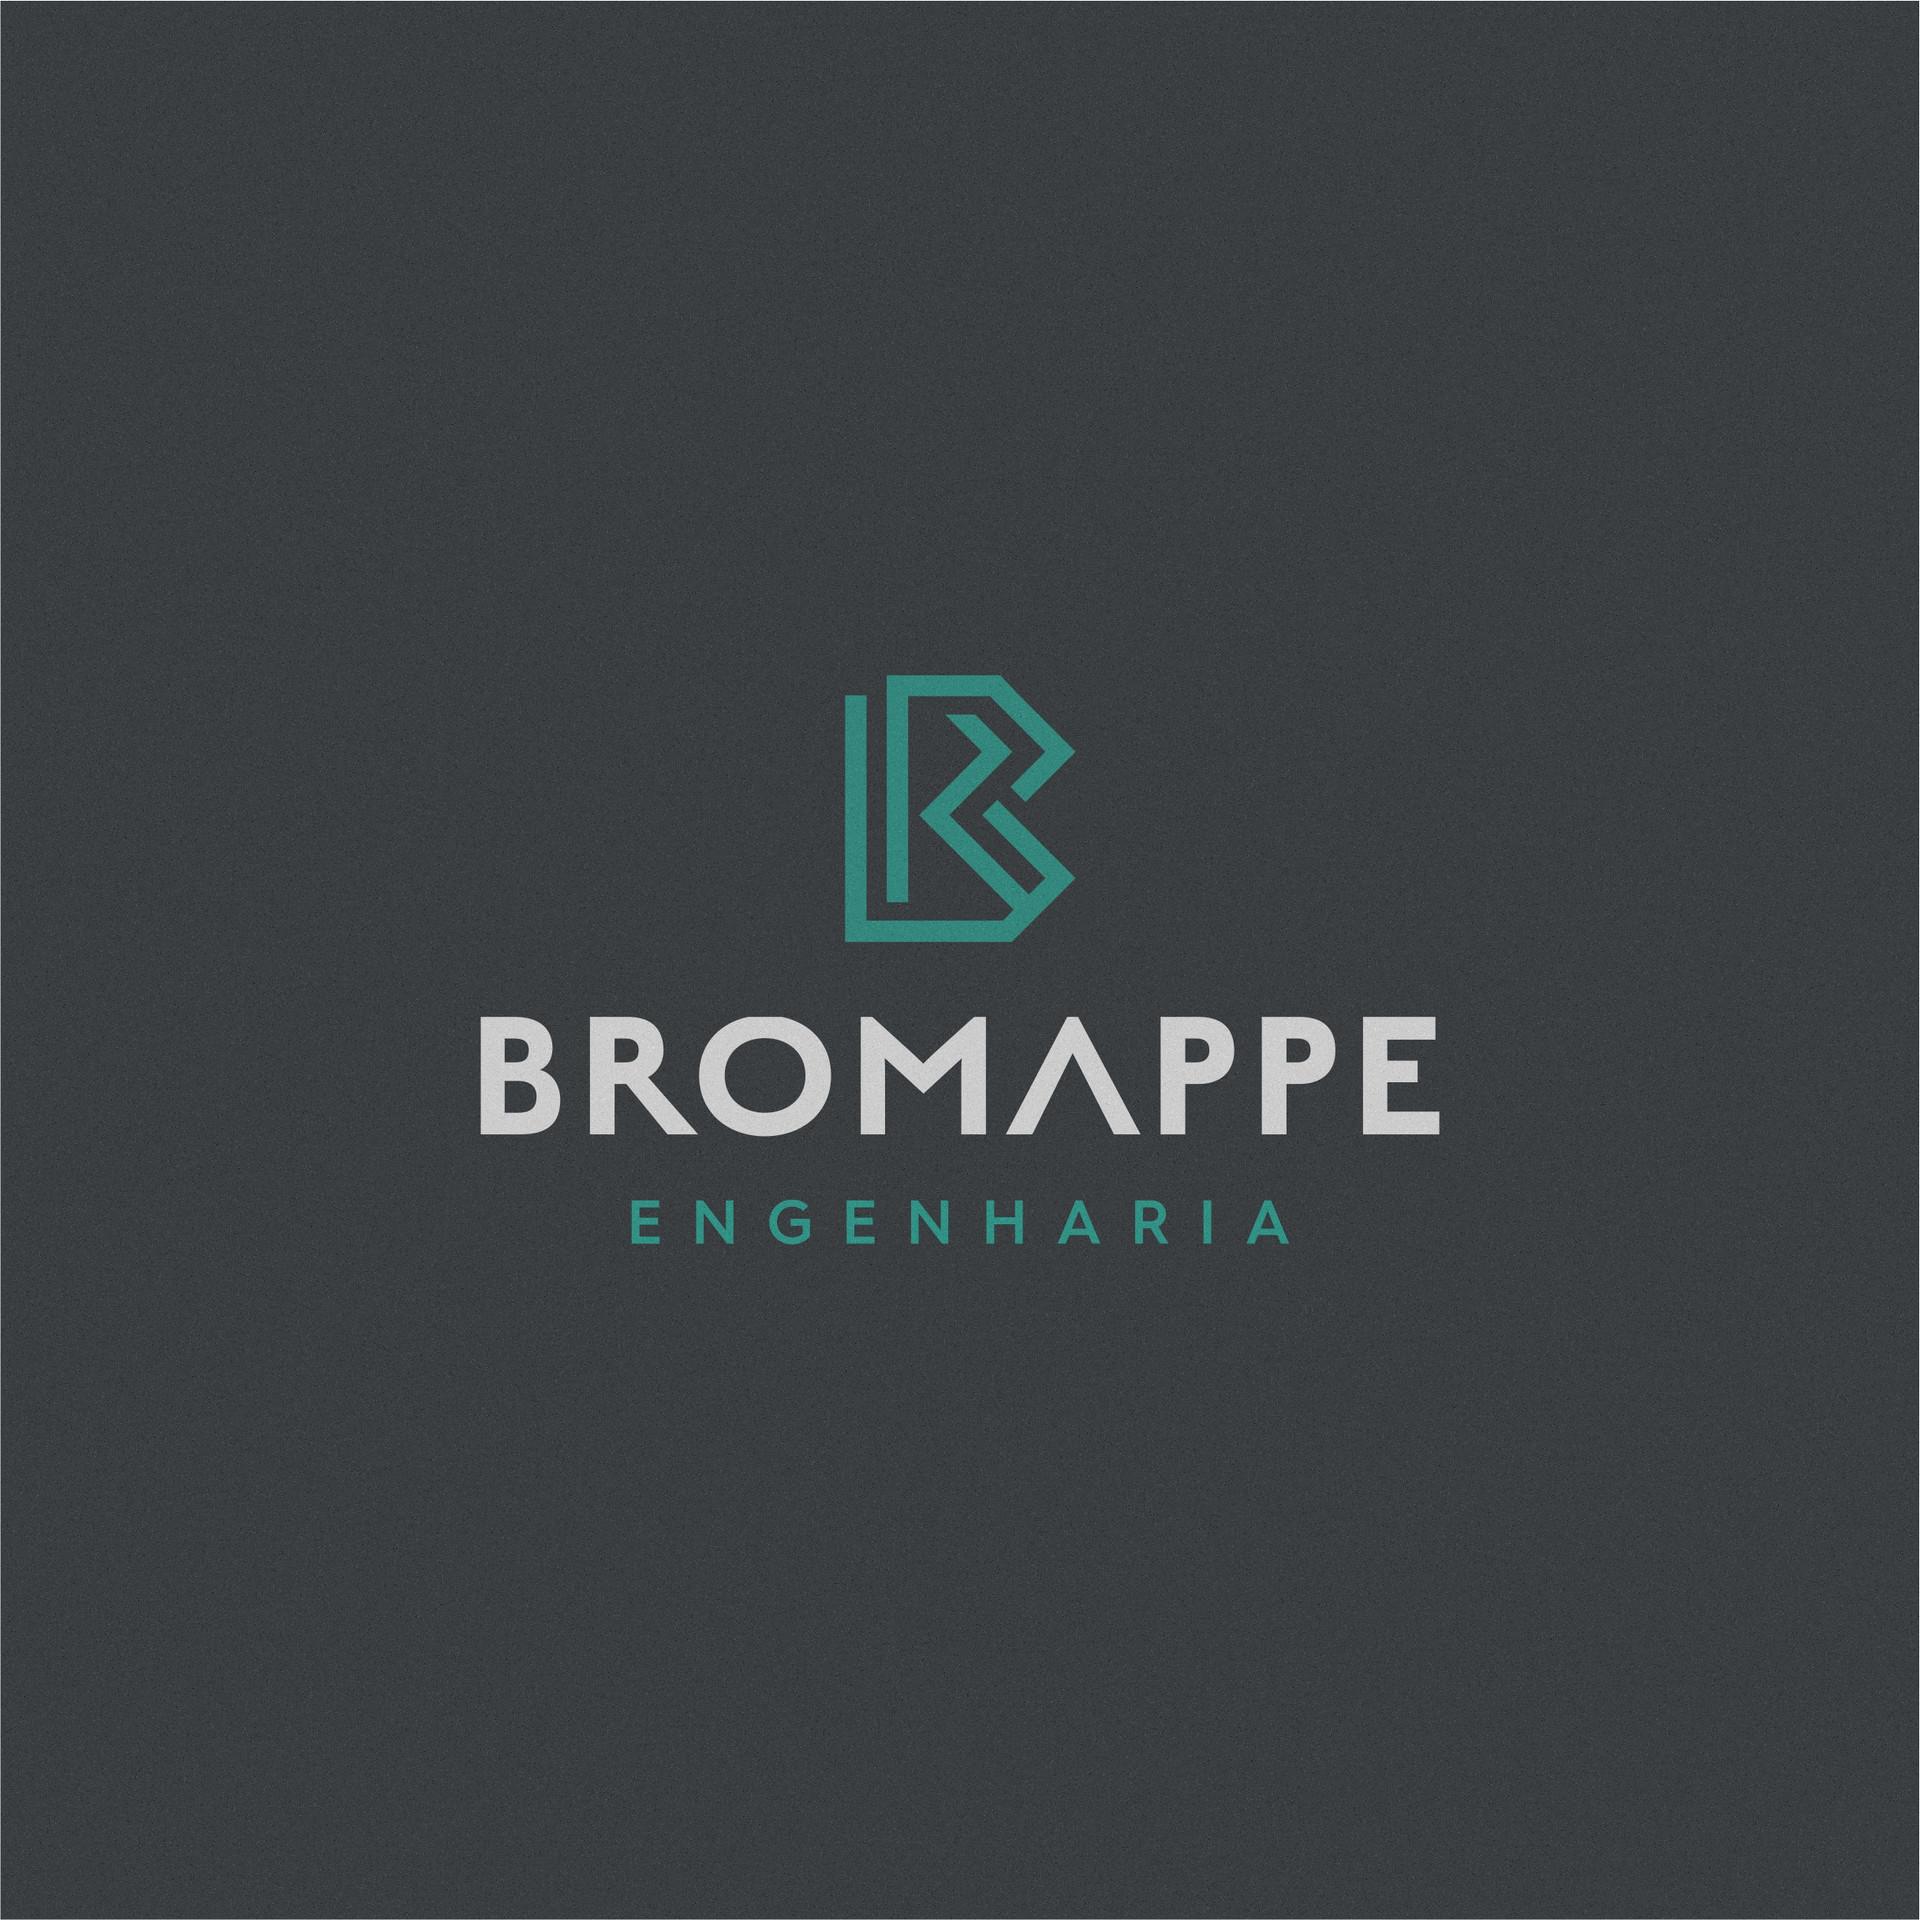 Logotipo 01b.jpg